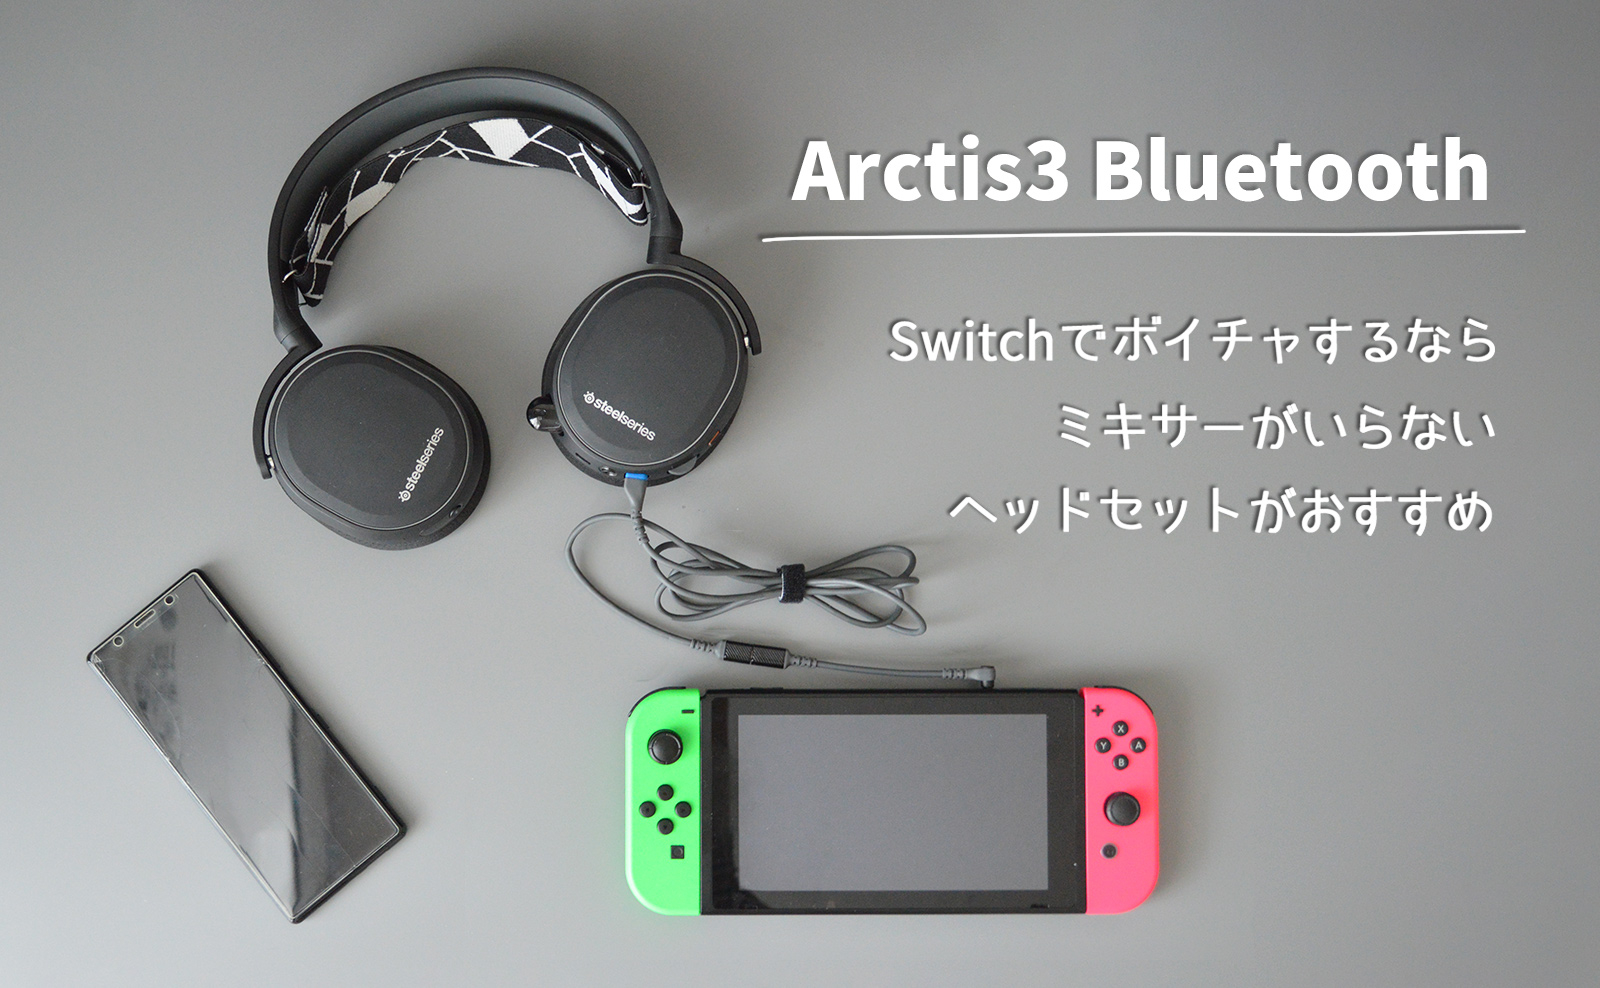 【Switch】簡単!ミキサーいらず ボイチャにはBluetooth付きヘッドセットがおすすめ